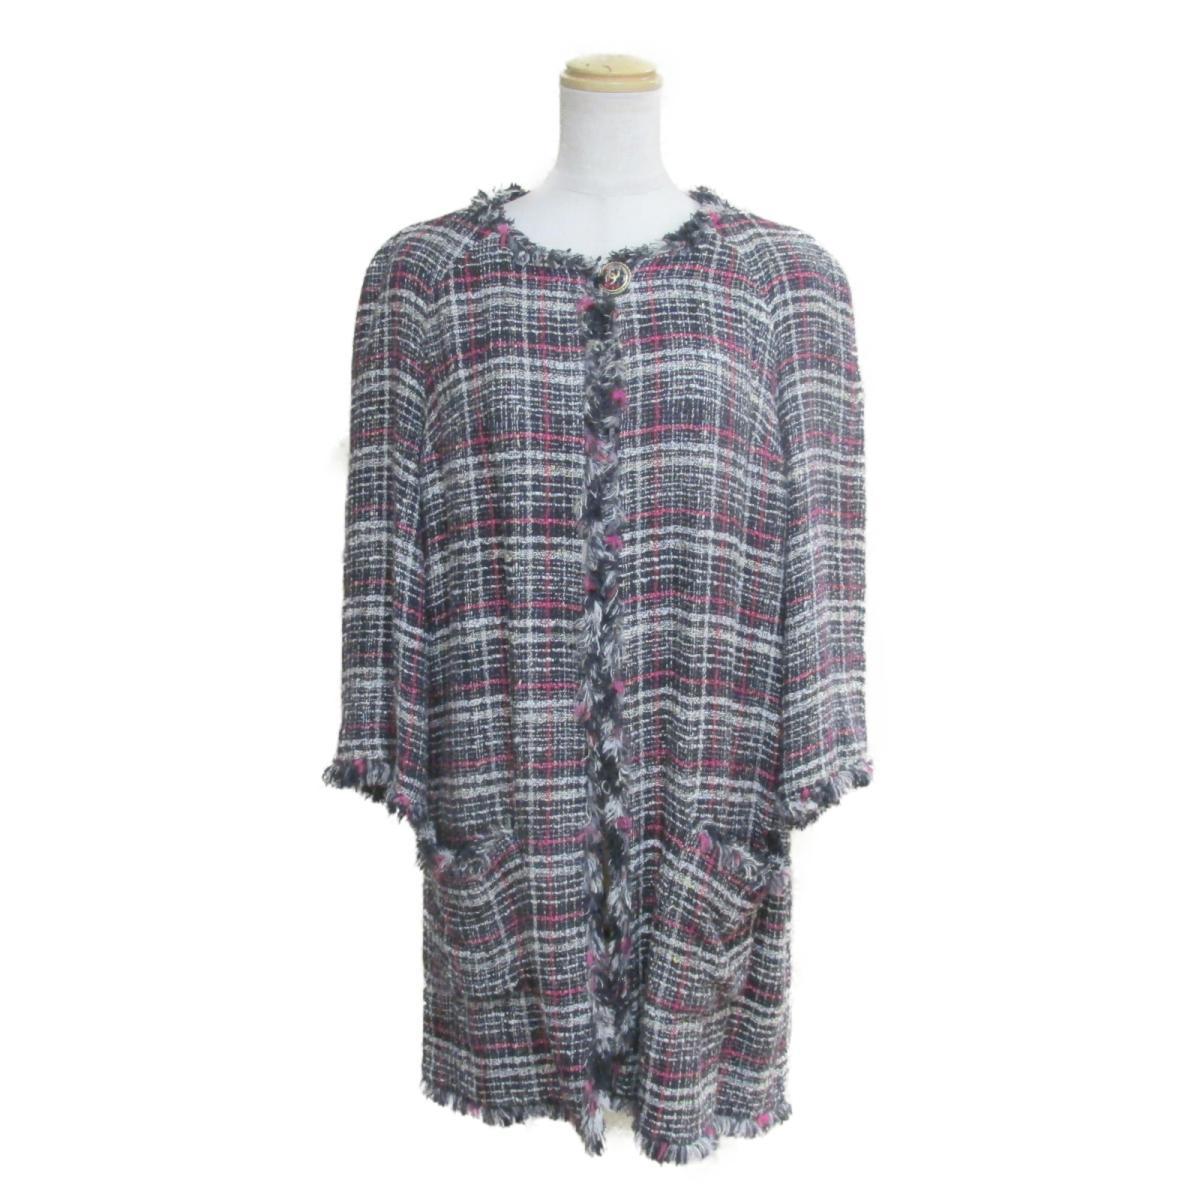 【中古】 シャネル 07P ツイード コート ジャケット レディース コットン レーヨン ナイロン ウール リネン アクリル ネイビー ホワイト ピンク (P30565W03872) | CHANEL BRANDOFF ブランドオフ 衣料品 衣類 ブランド アウター